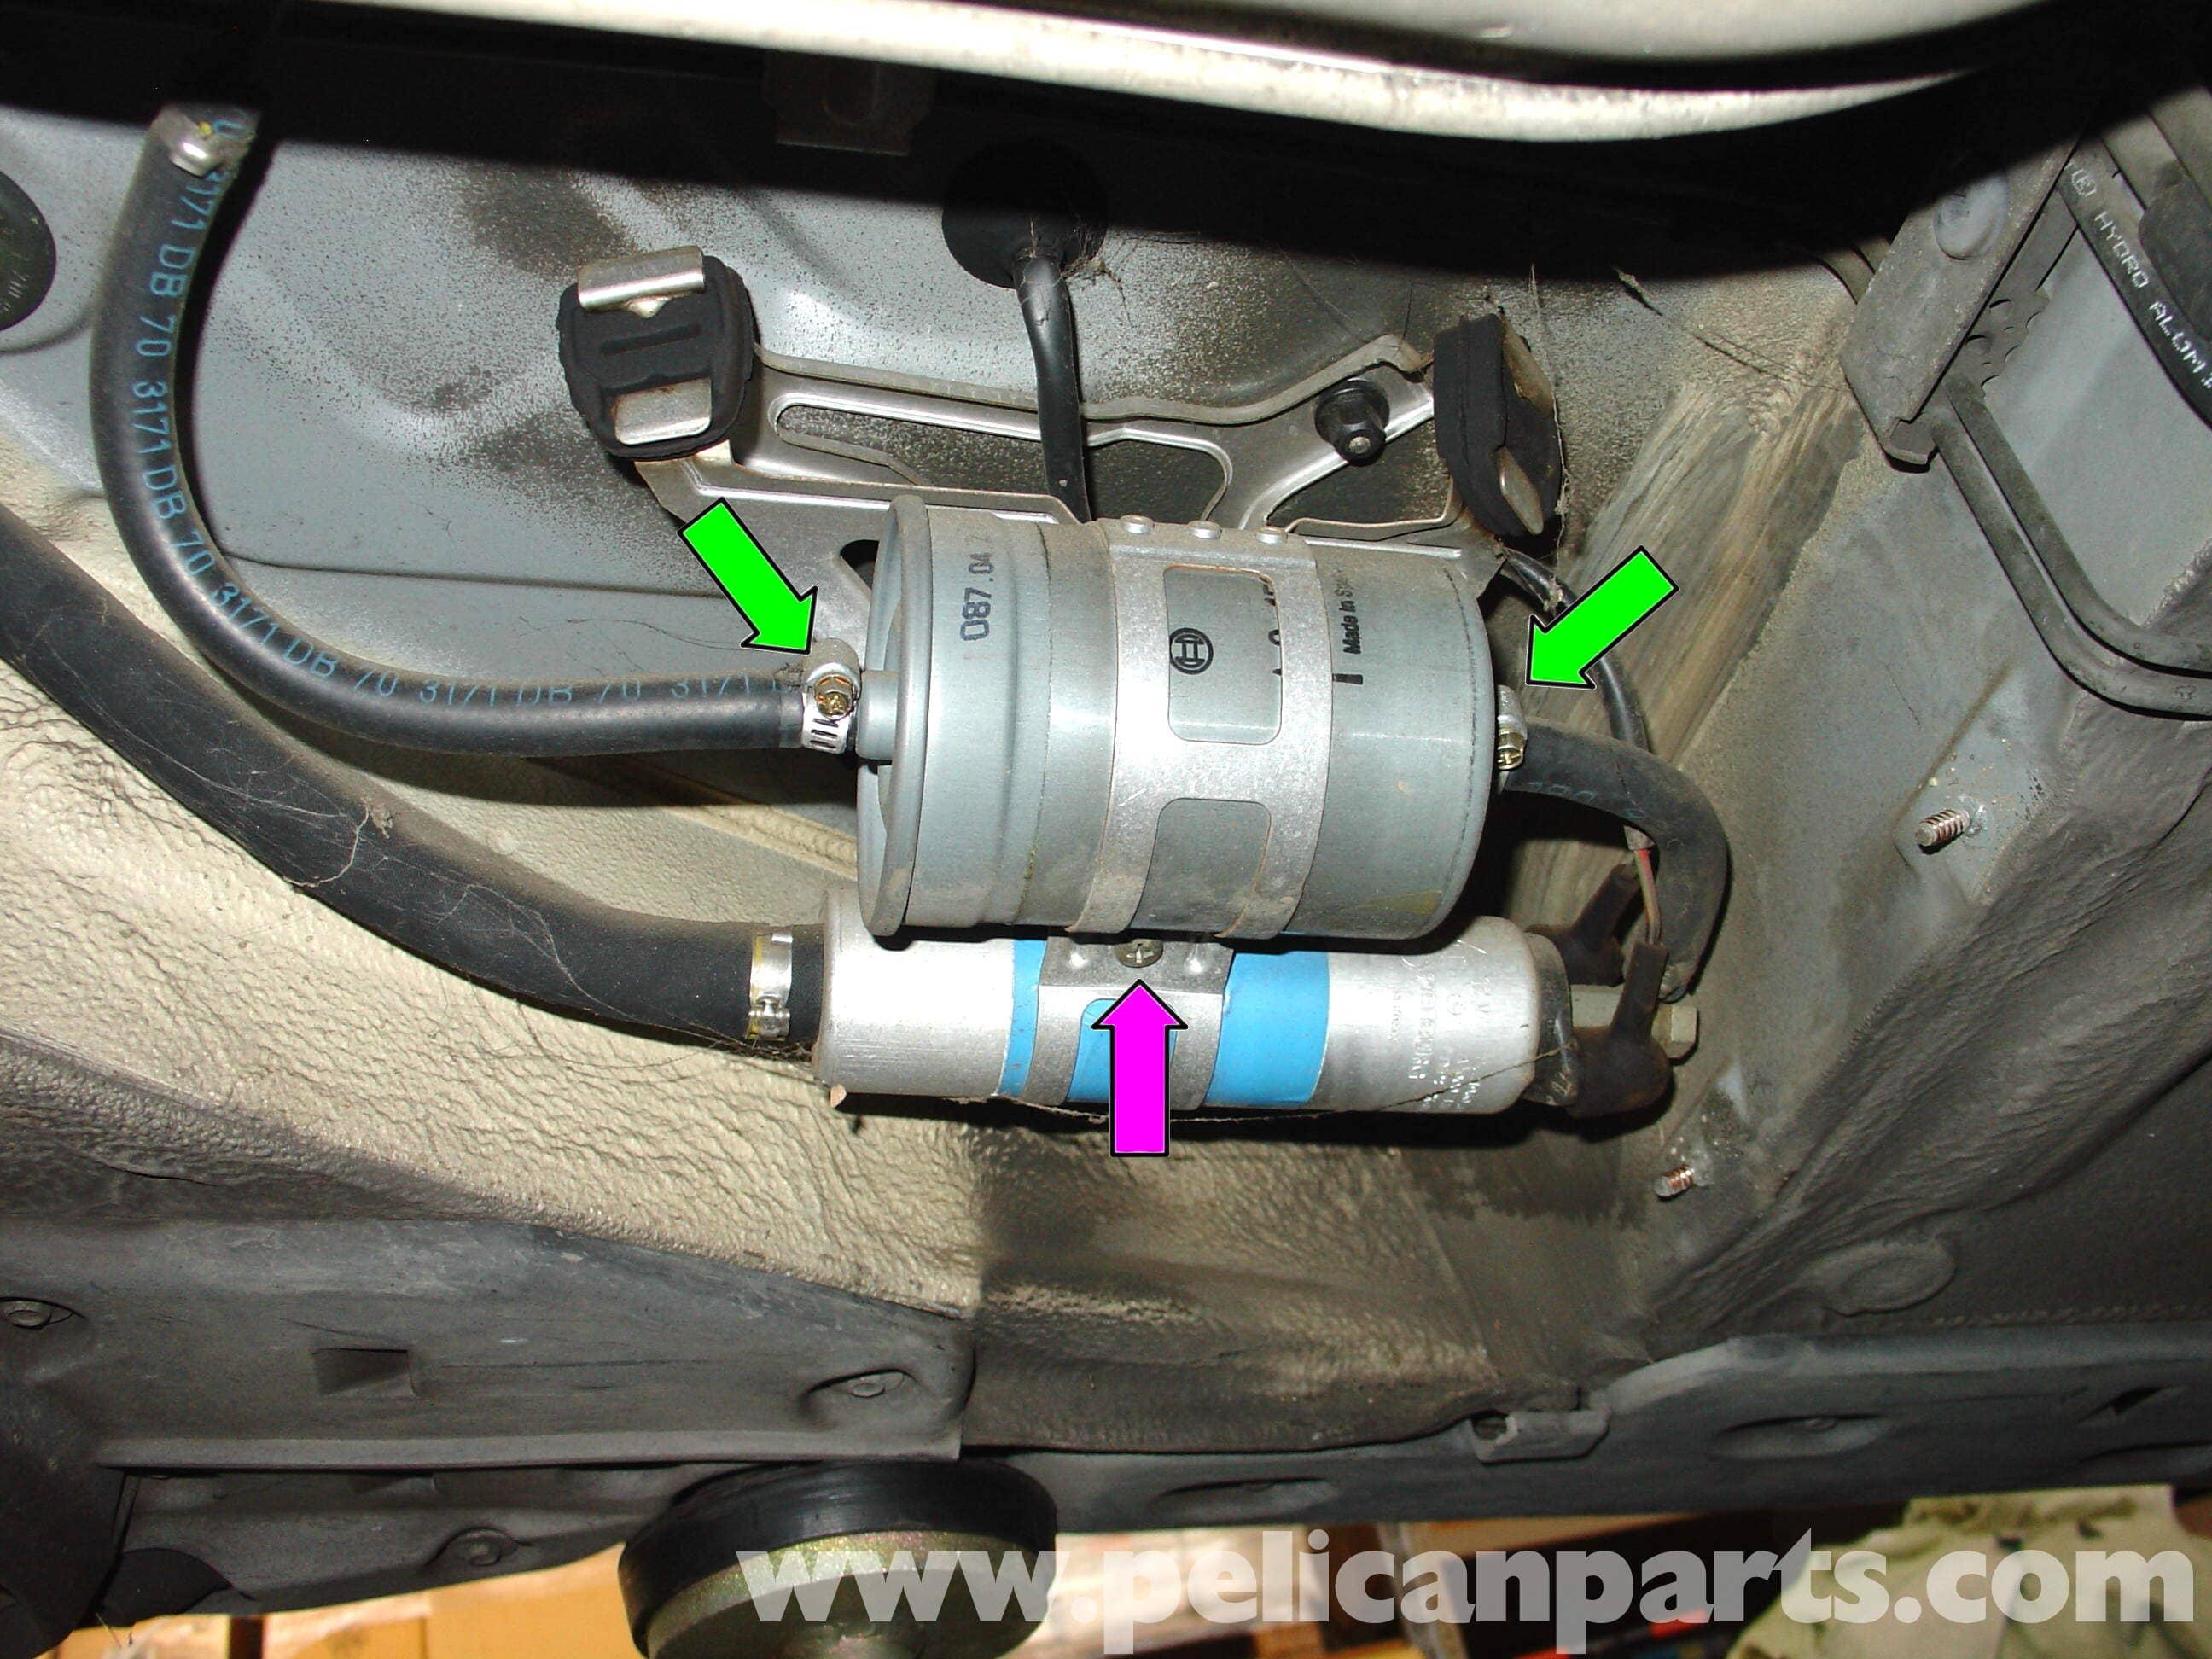 Dodge Caravan Fuel Filter Replacement 2001 Ml320